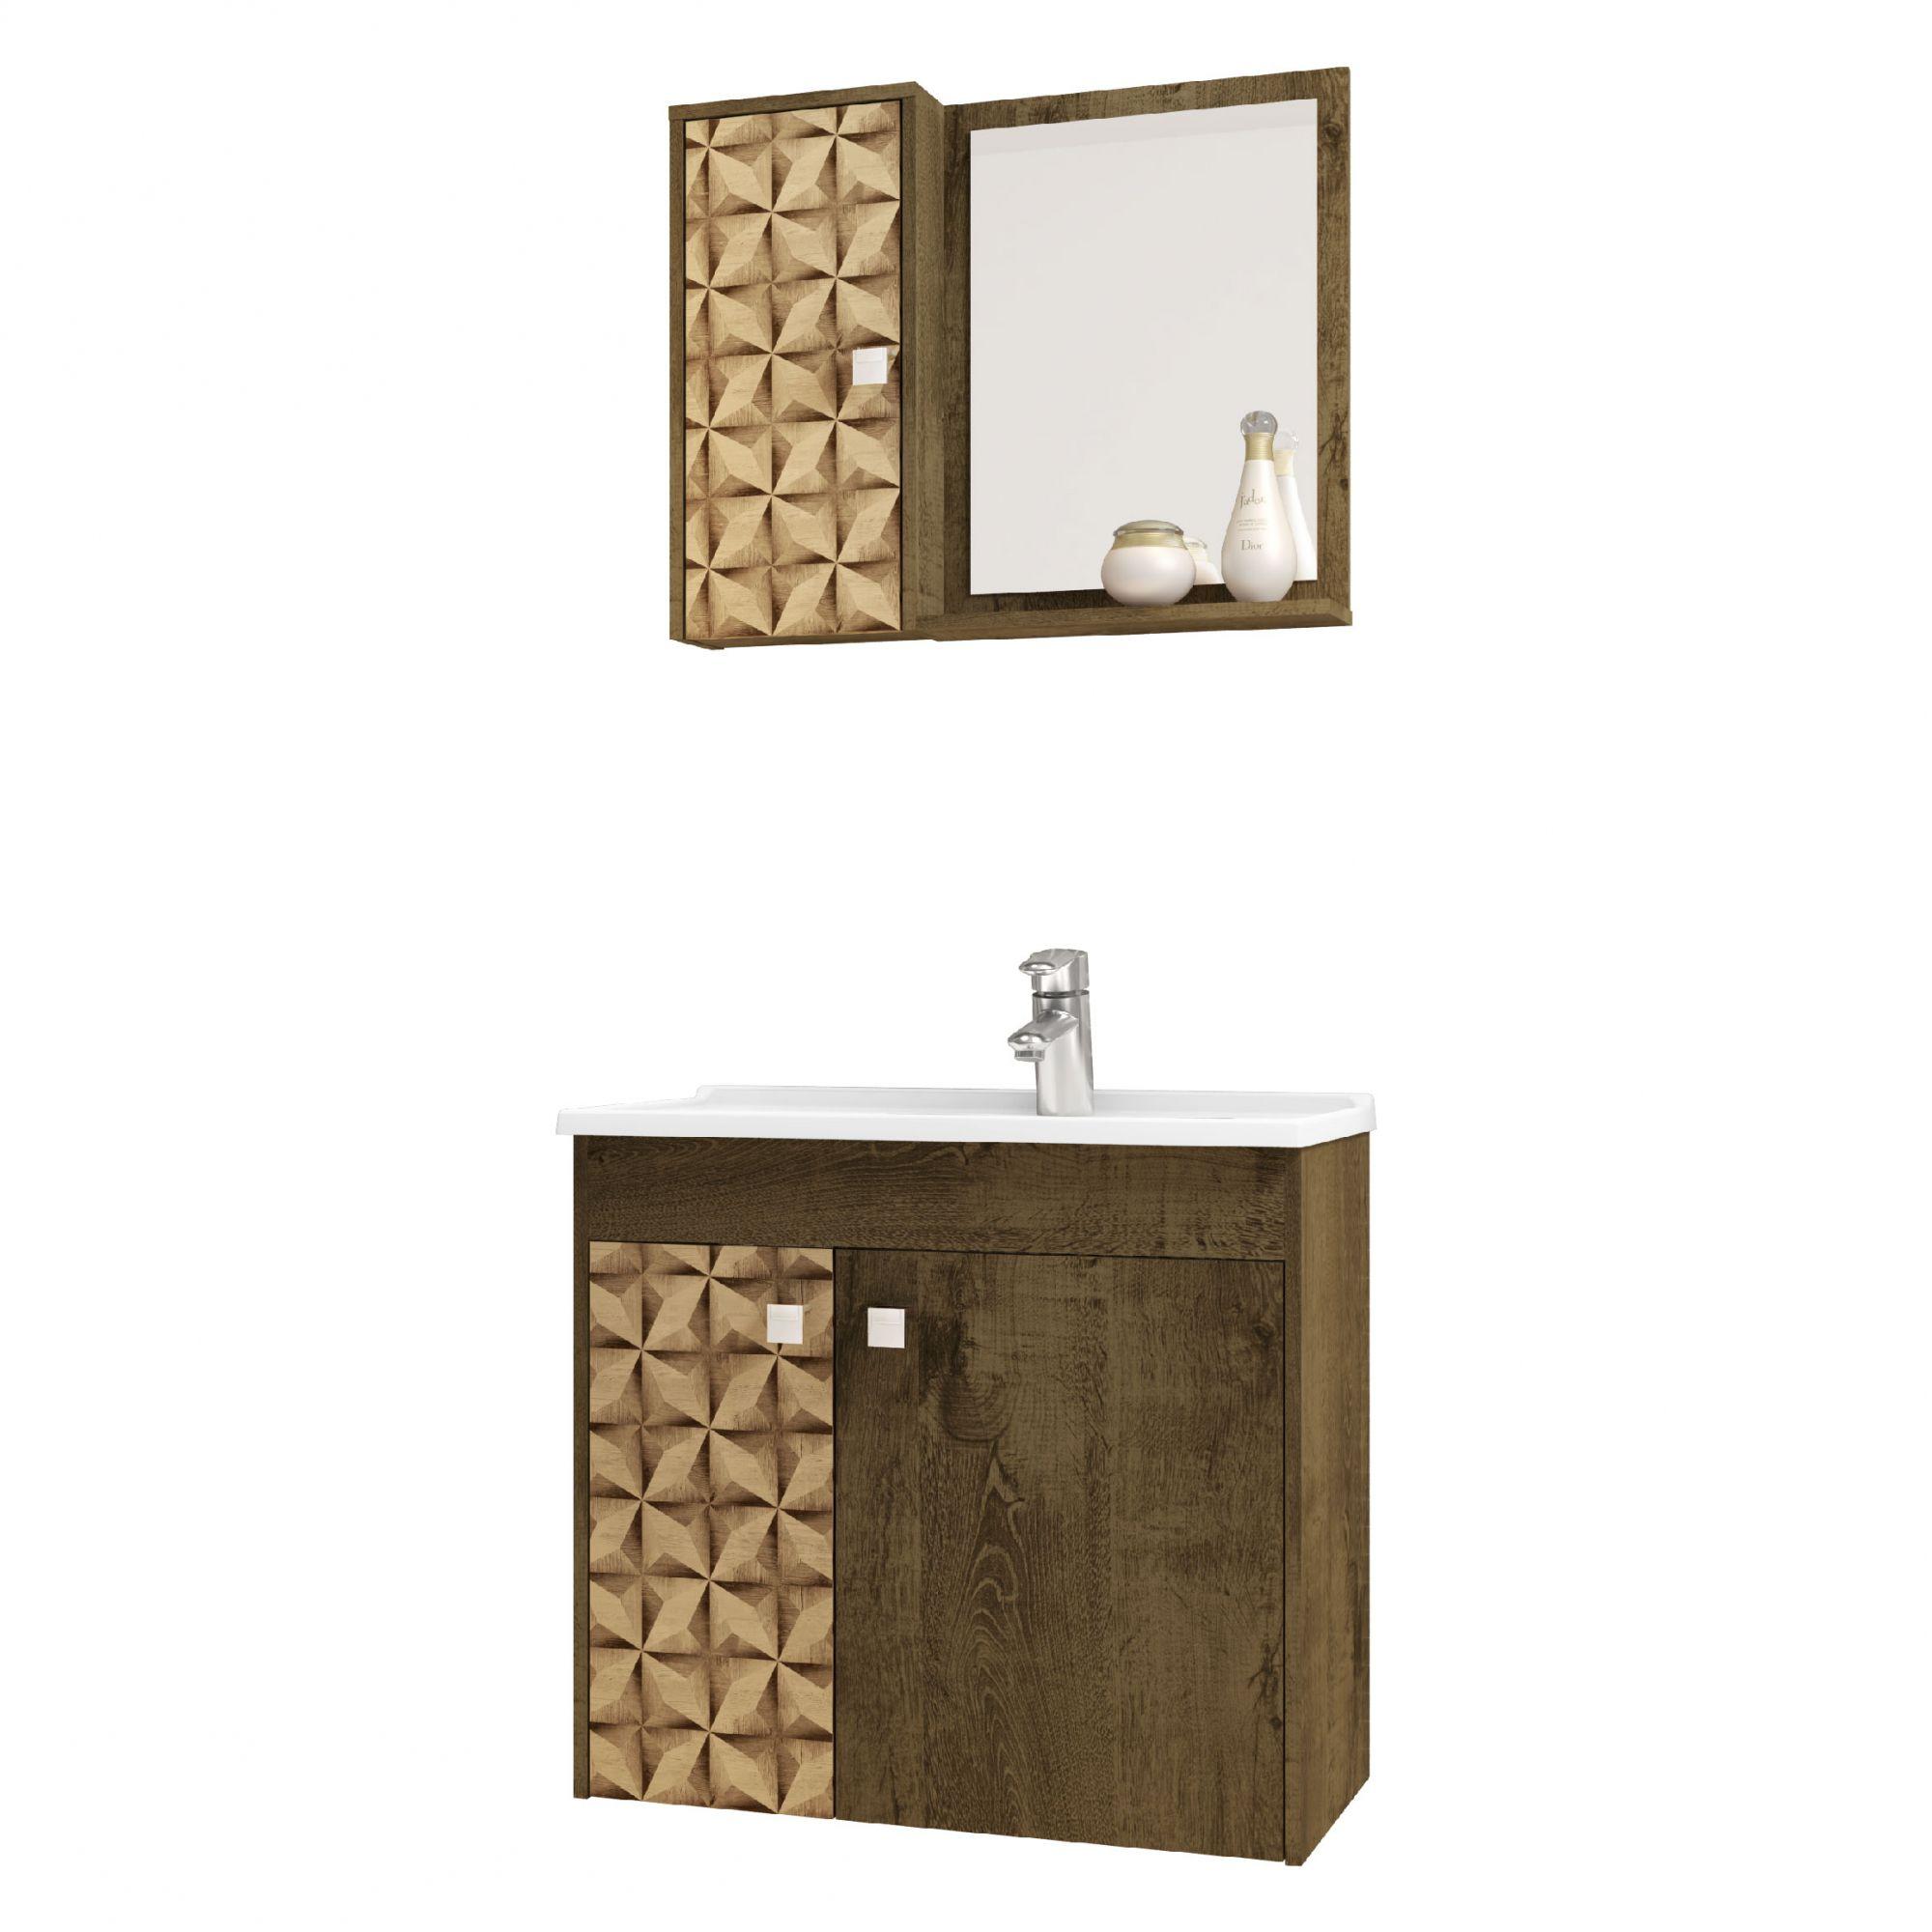 Gabinete com Espelheira Munique Madeira Rustica / Madeira 3D - Moveis Bechara